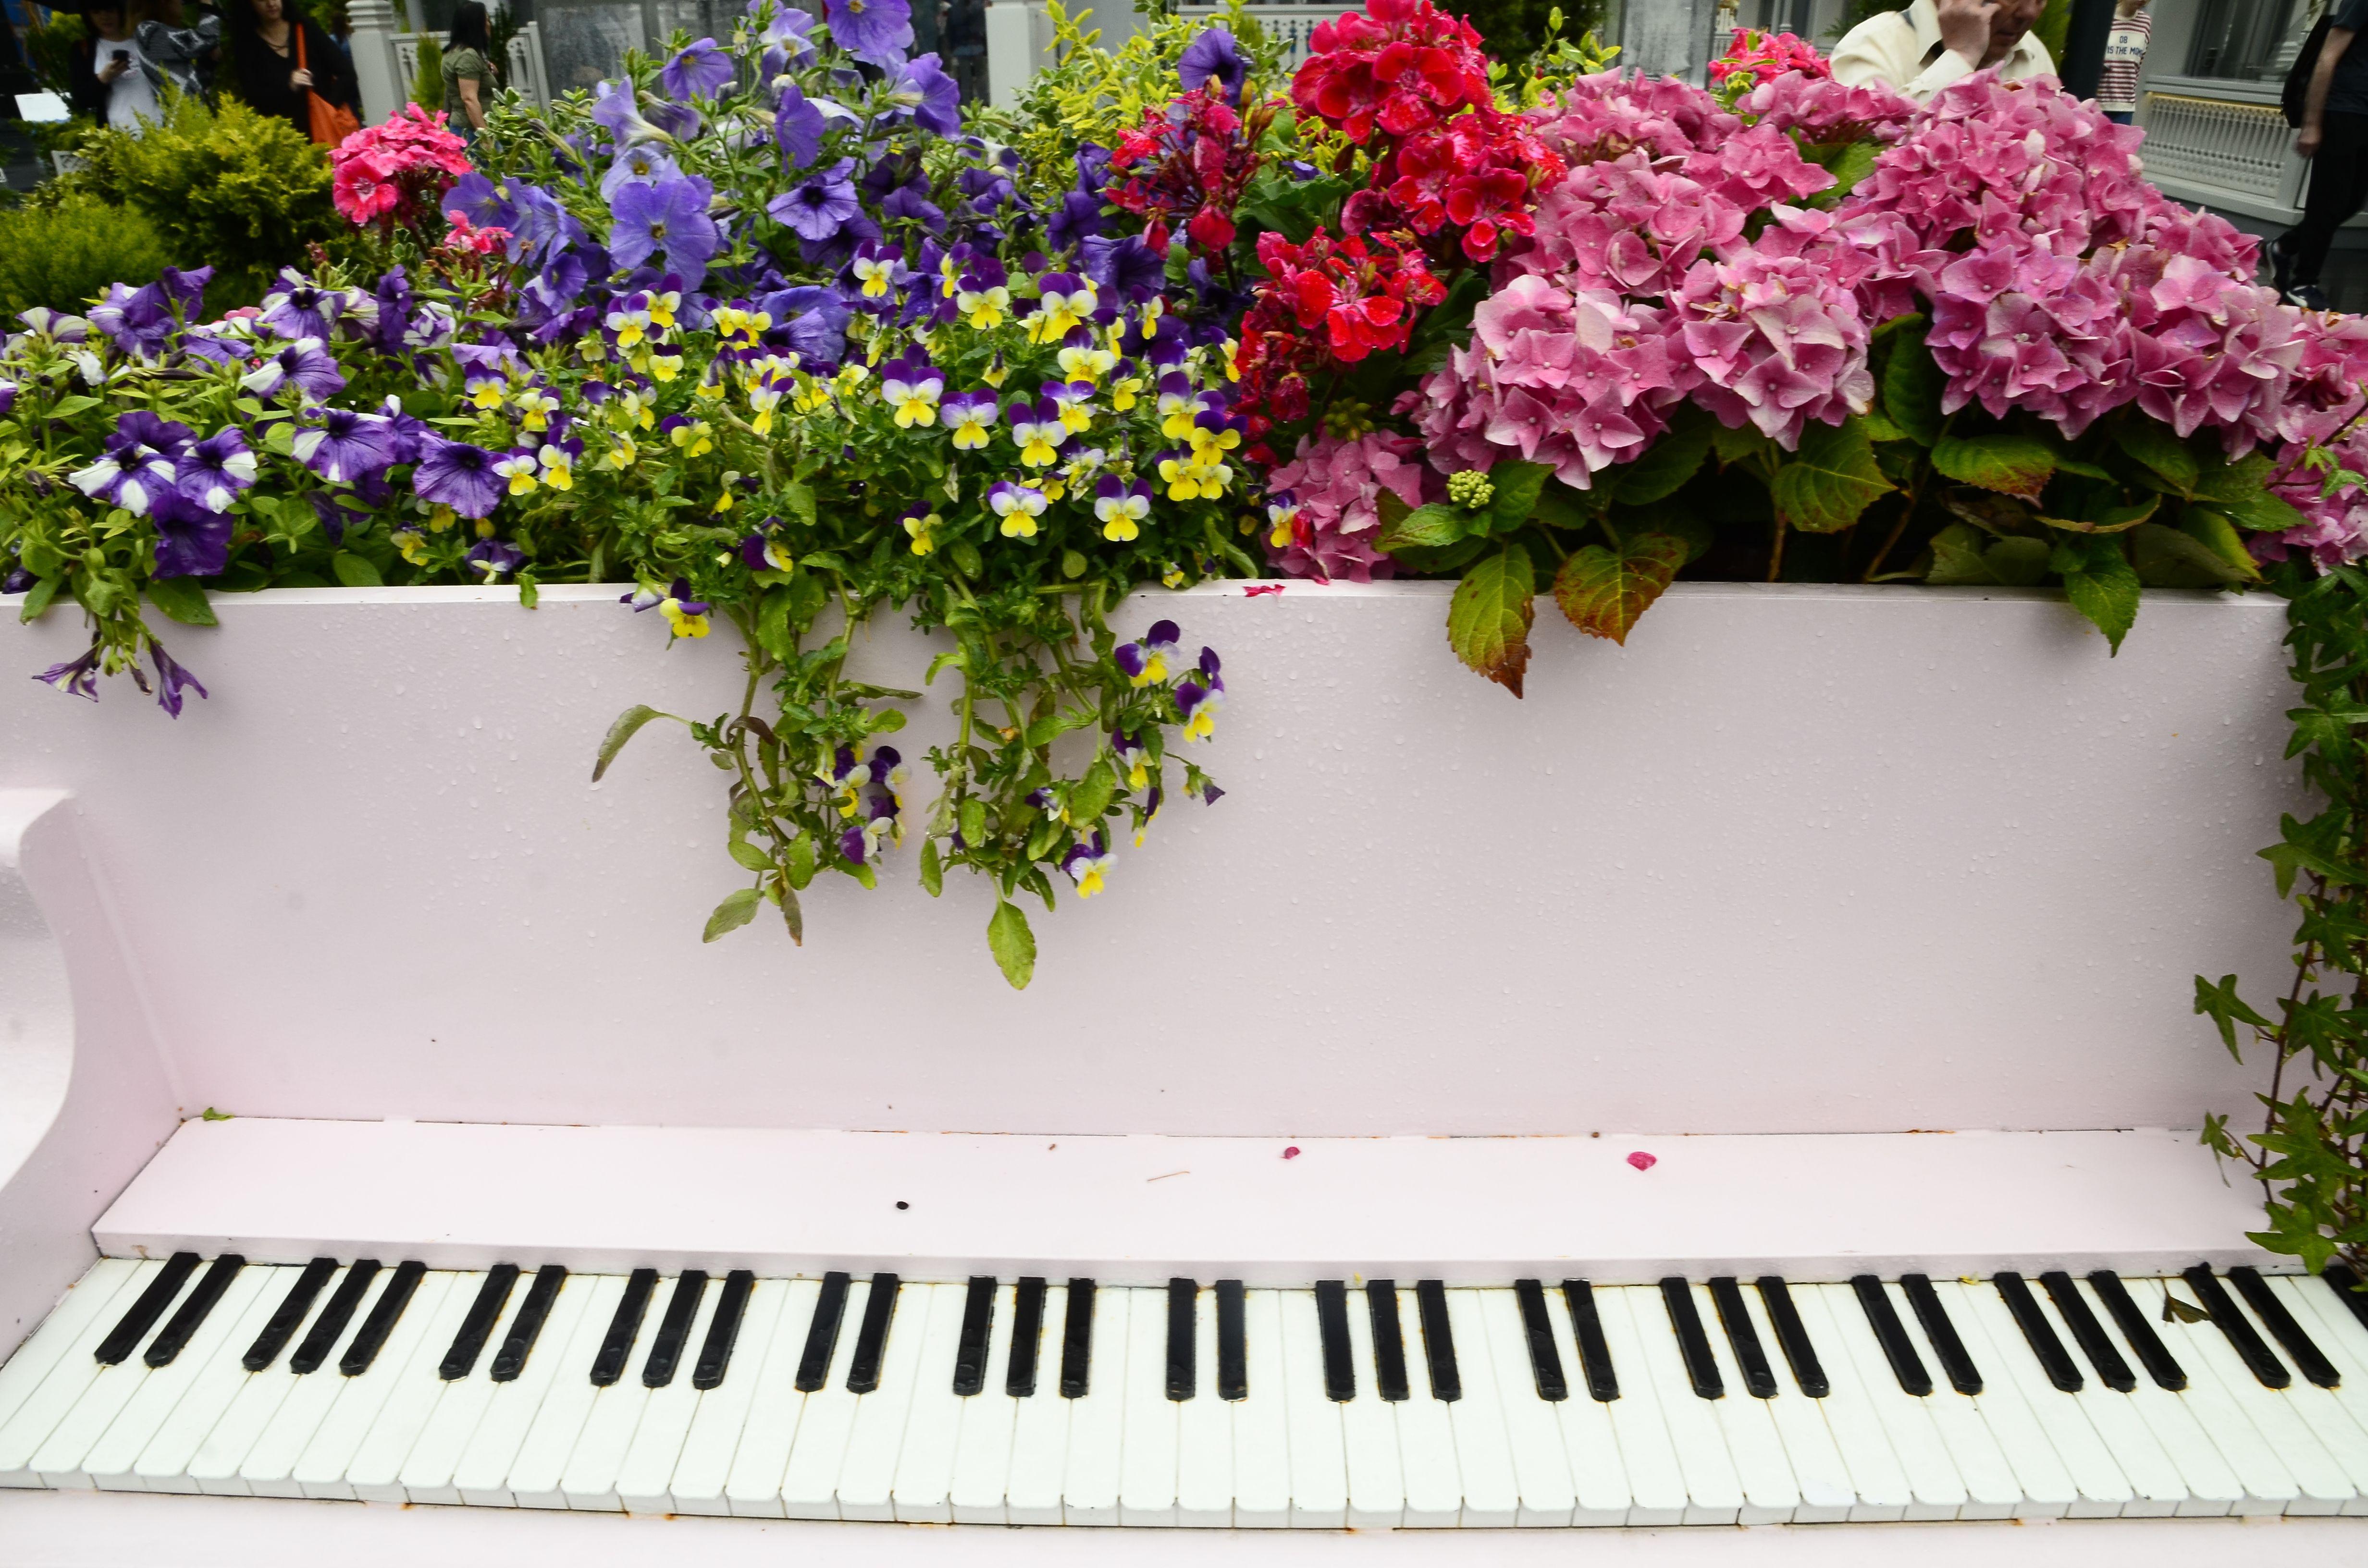 Музыкальный мастер-класс и другие развлечения пройдут в Рязановском. Фото: Анна Быкова